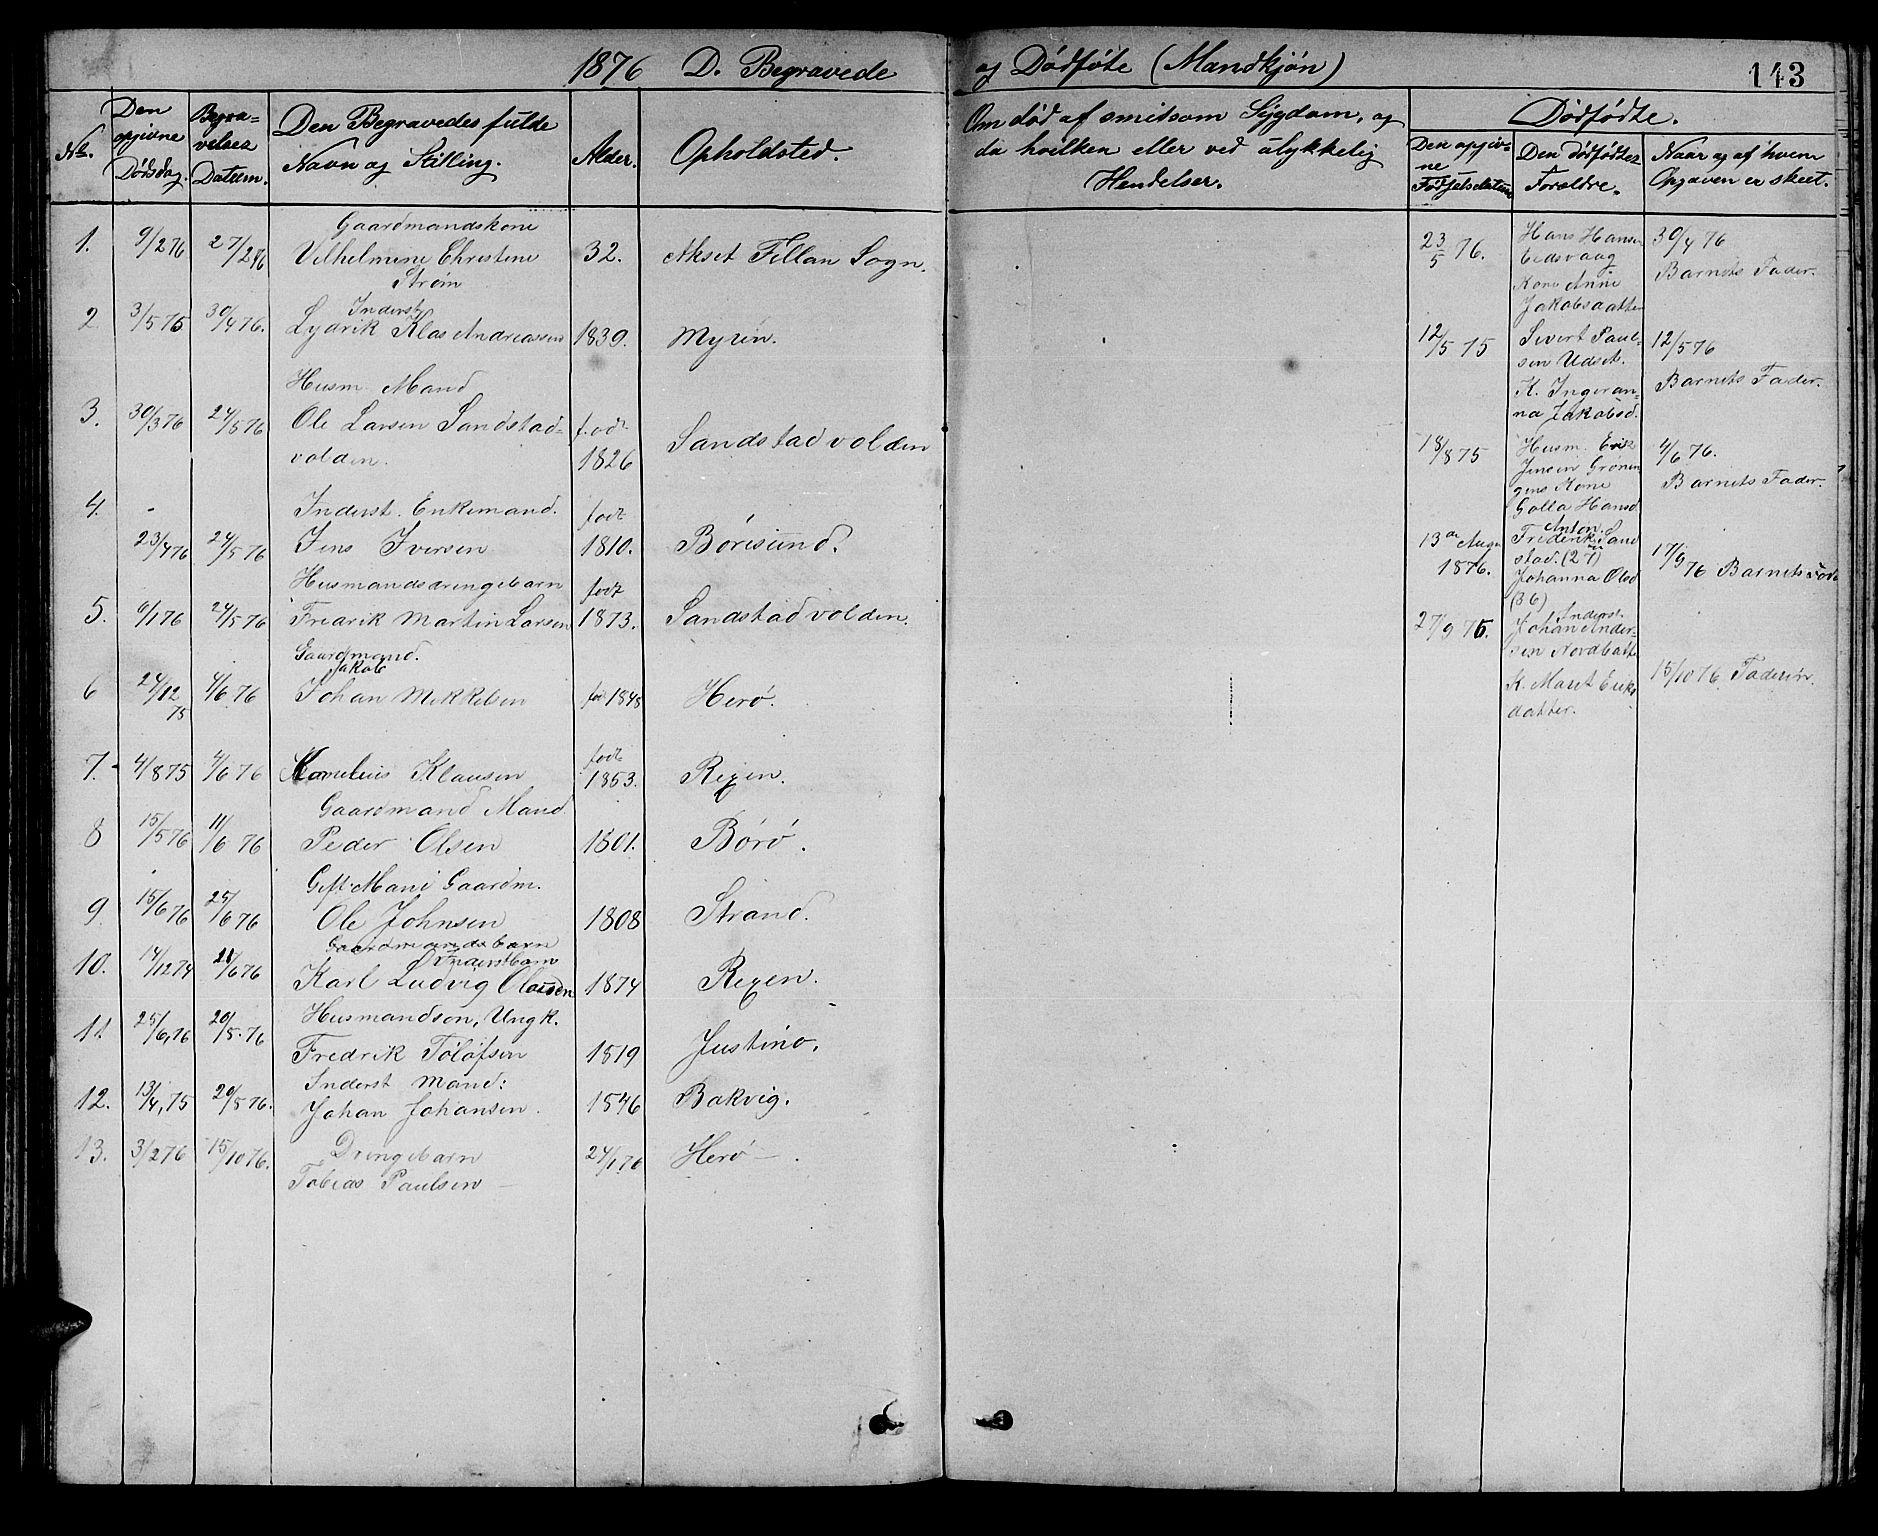 SAT, Ministerialprotokoller, klokkerbøker og fødselsregistre - Sør-Trøndelag, 637/L0561: Klokkerbok nr. 637C02, 1873-1882, s. 143